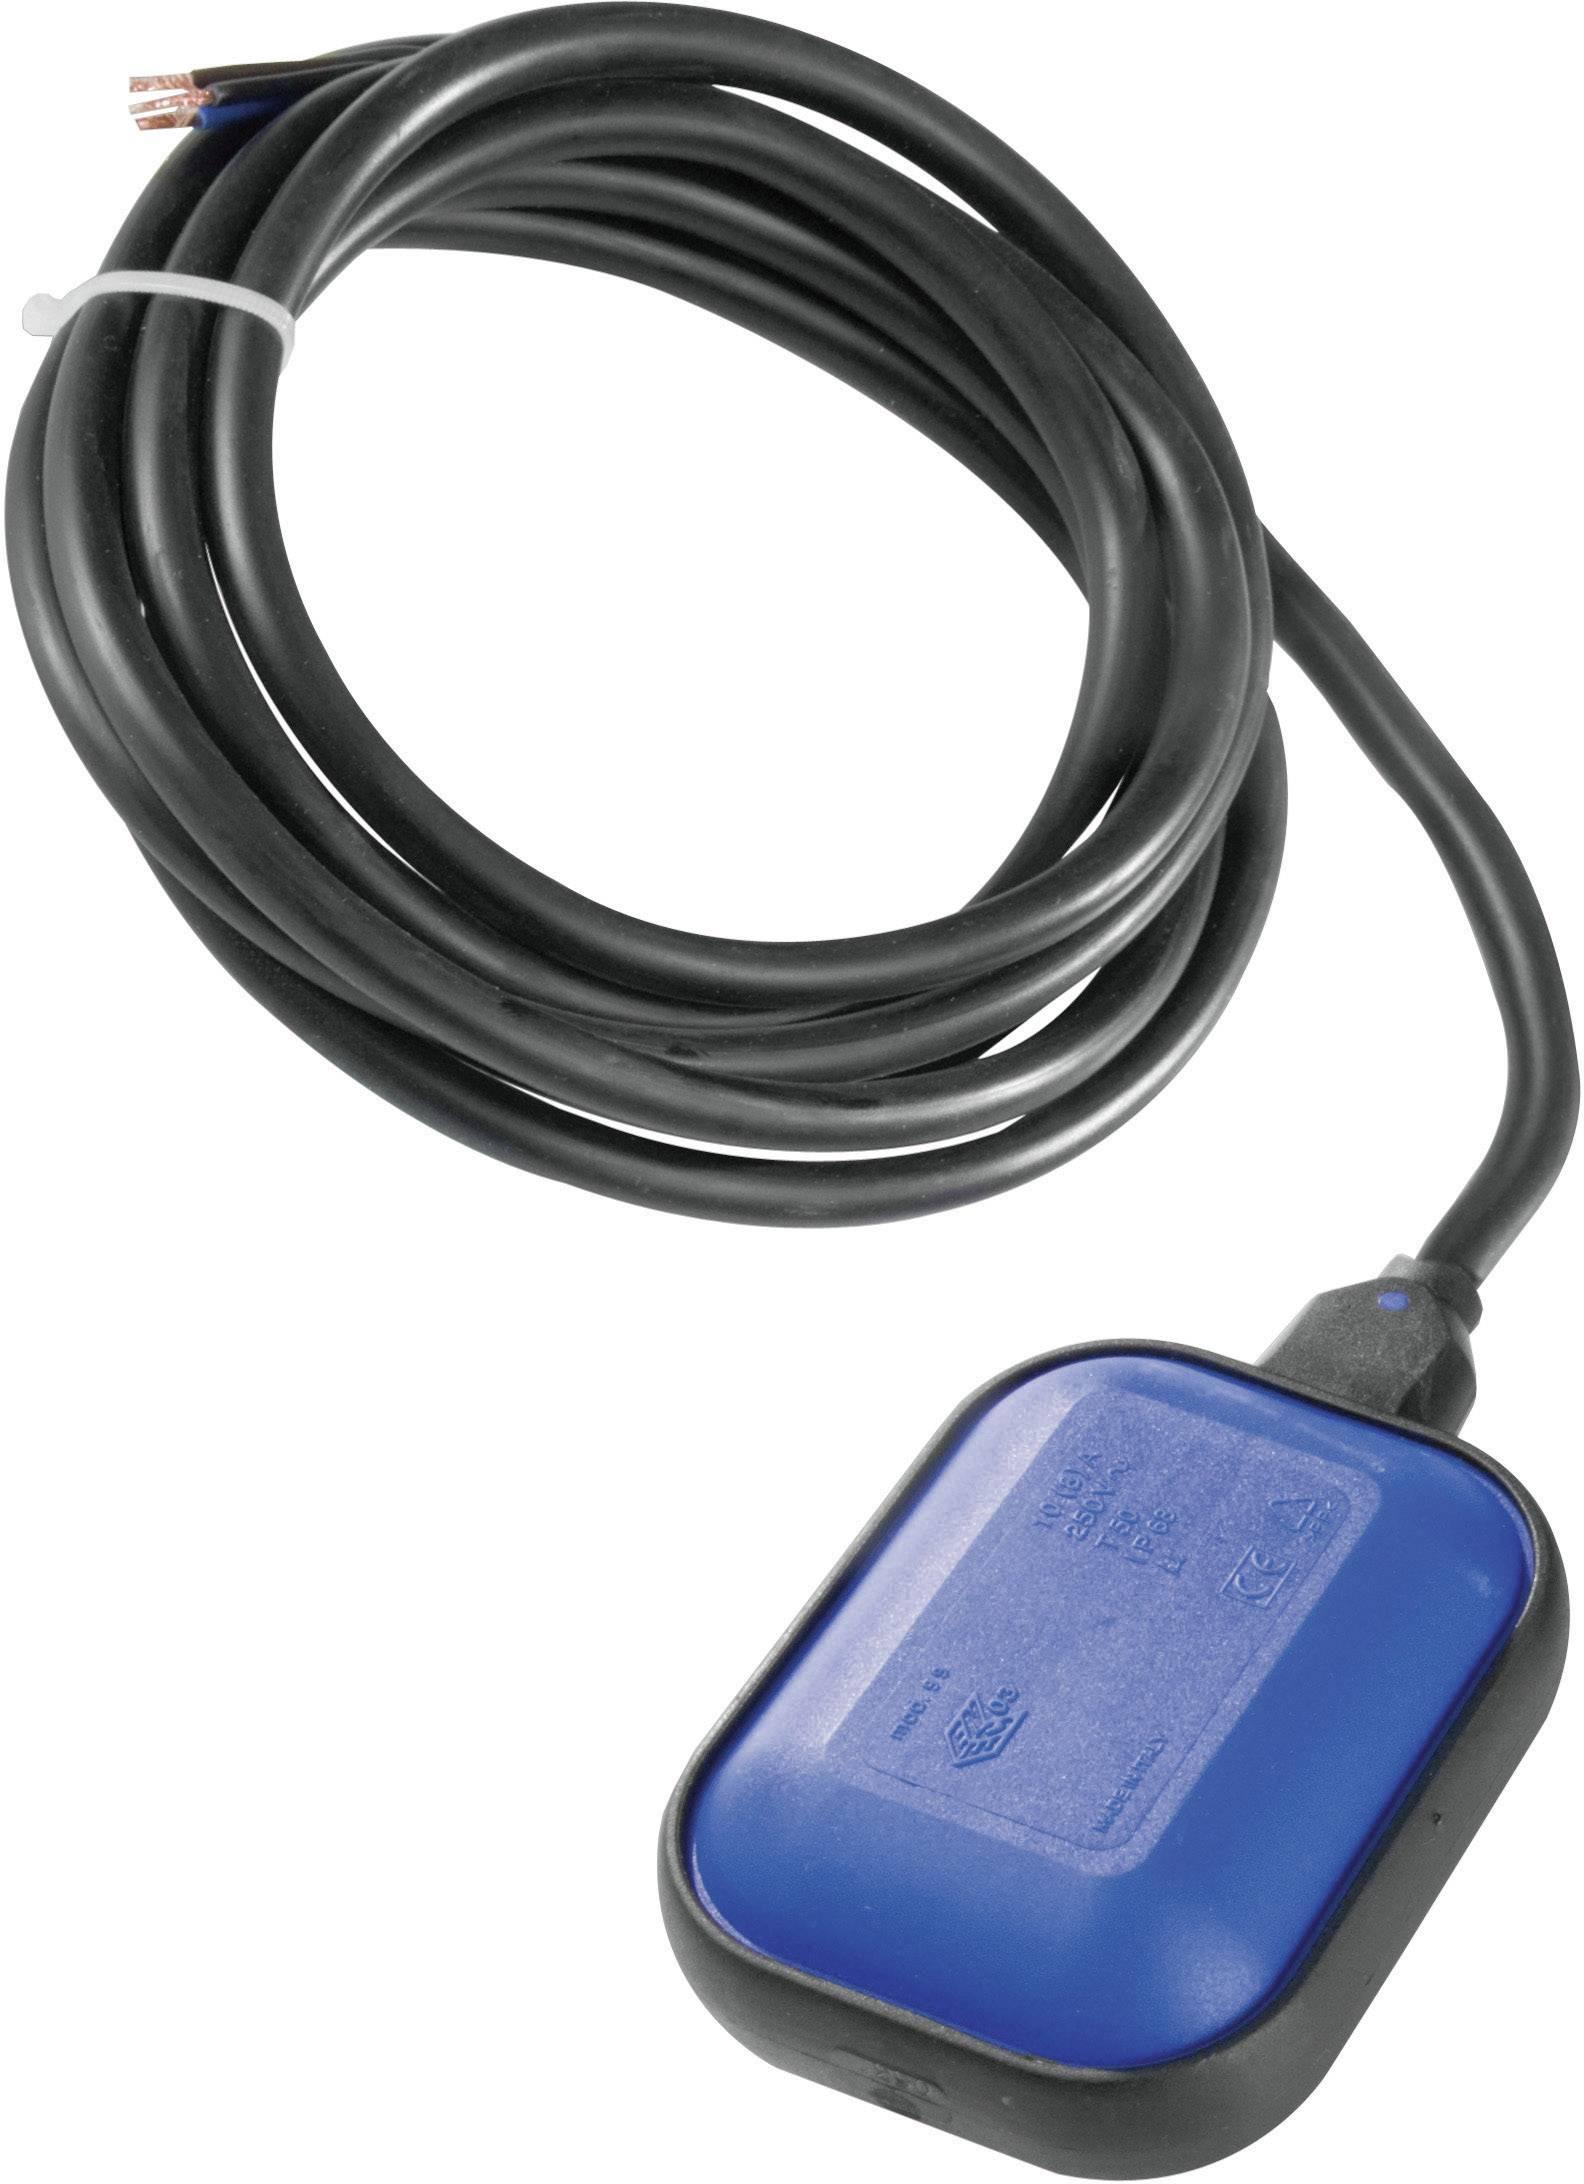 Plavákový spínač Wallair pre napúšťanie/vypúšťanie, 3 m, modrý